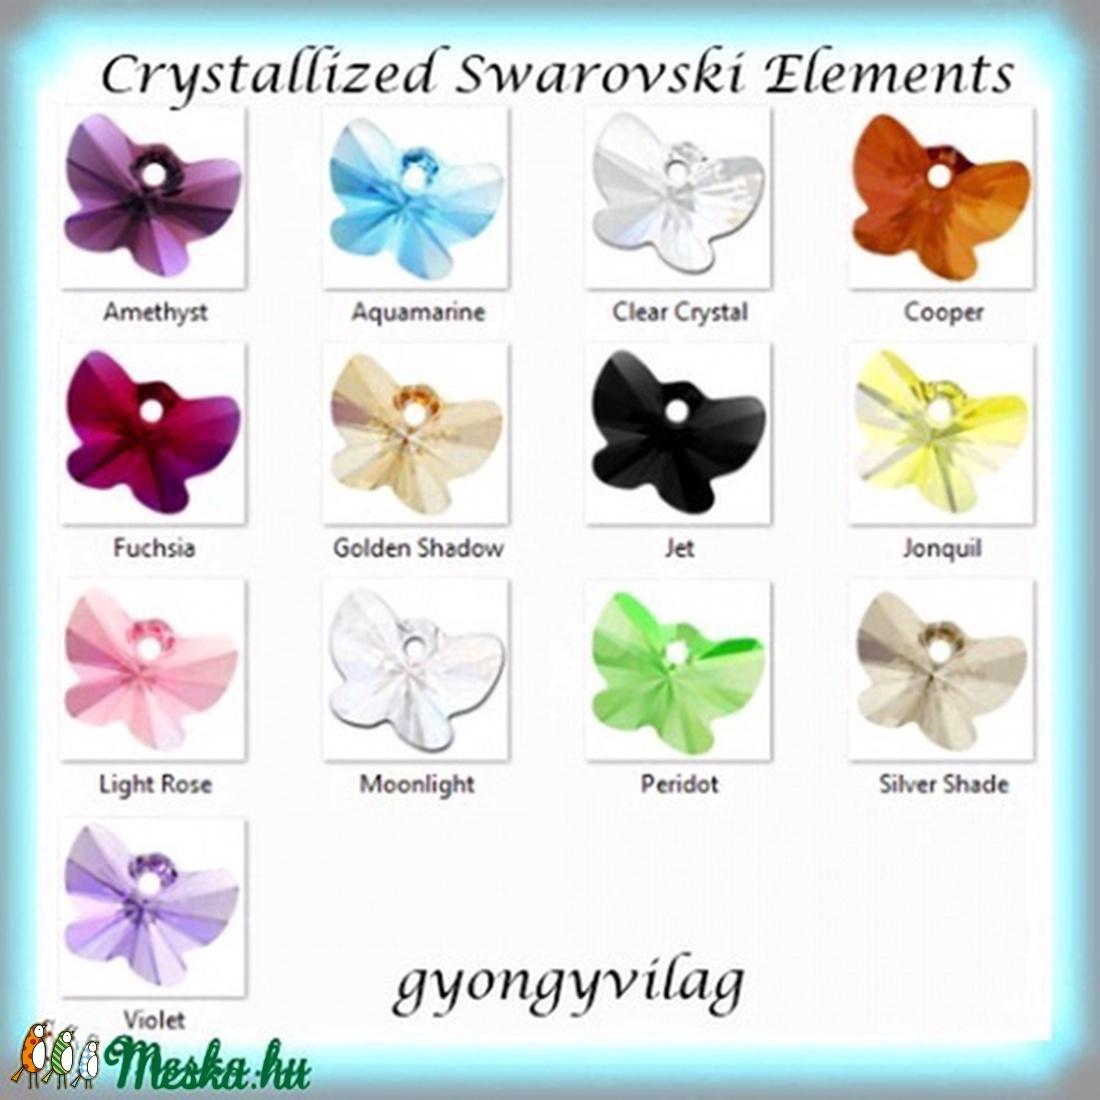 Ékszterkellék: Swarovski pillangó  18 mm-es több színben  - gyöngy, ékszerkellék - swarovski kristályok - Meska.hu